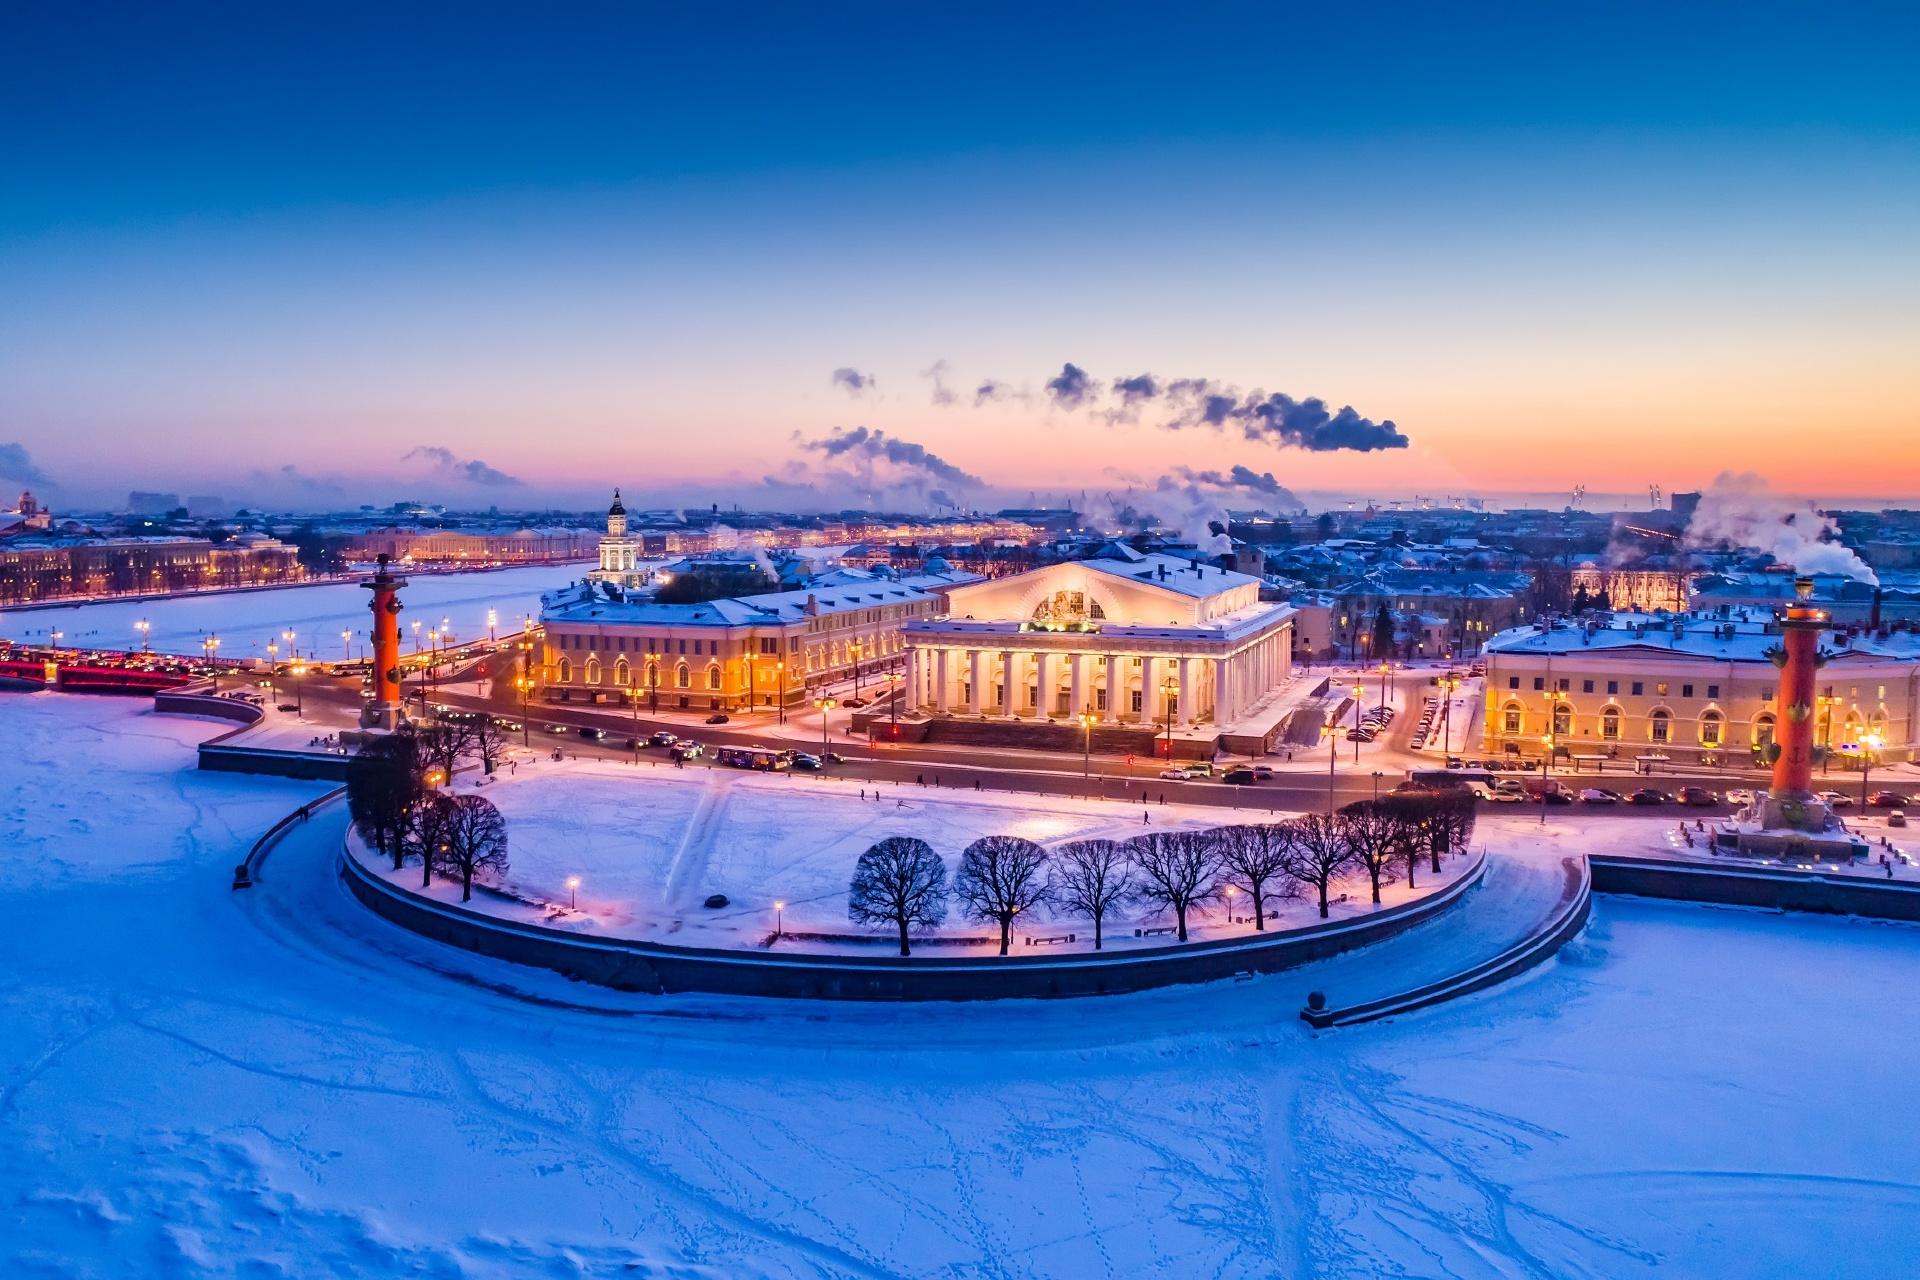 冬のロシア サンクトペテルブルク ロシアの風景